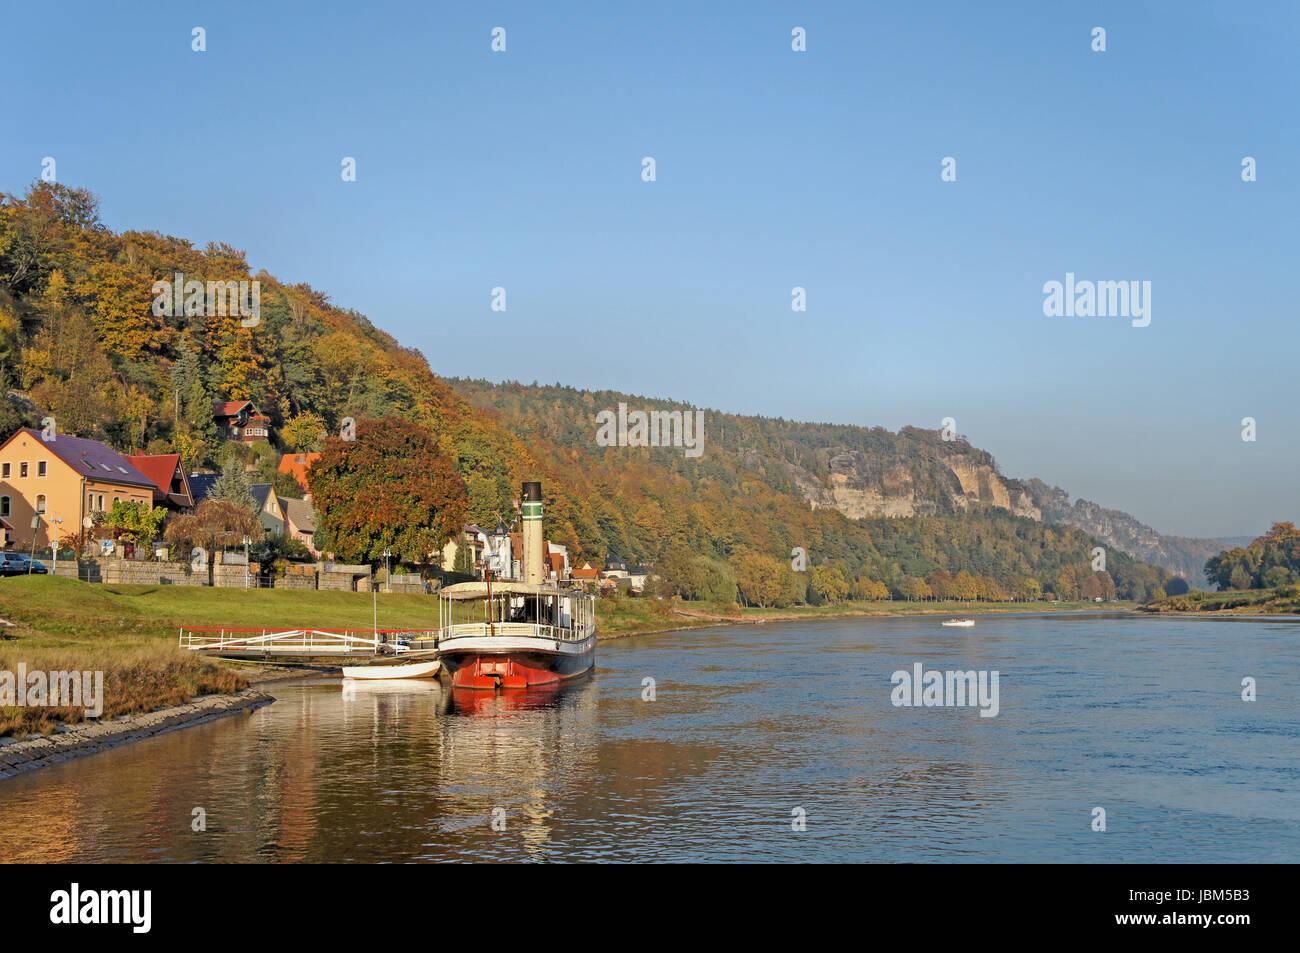 Die Elbe im deutschen Teil des Elbsandsteingebirges; steile Felsen und bunte Laubwälder; am Ufer ein kleiner Dampfer Stock Photo